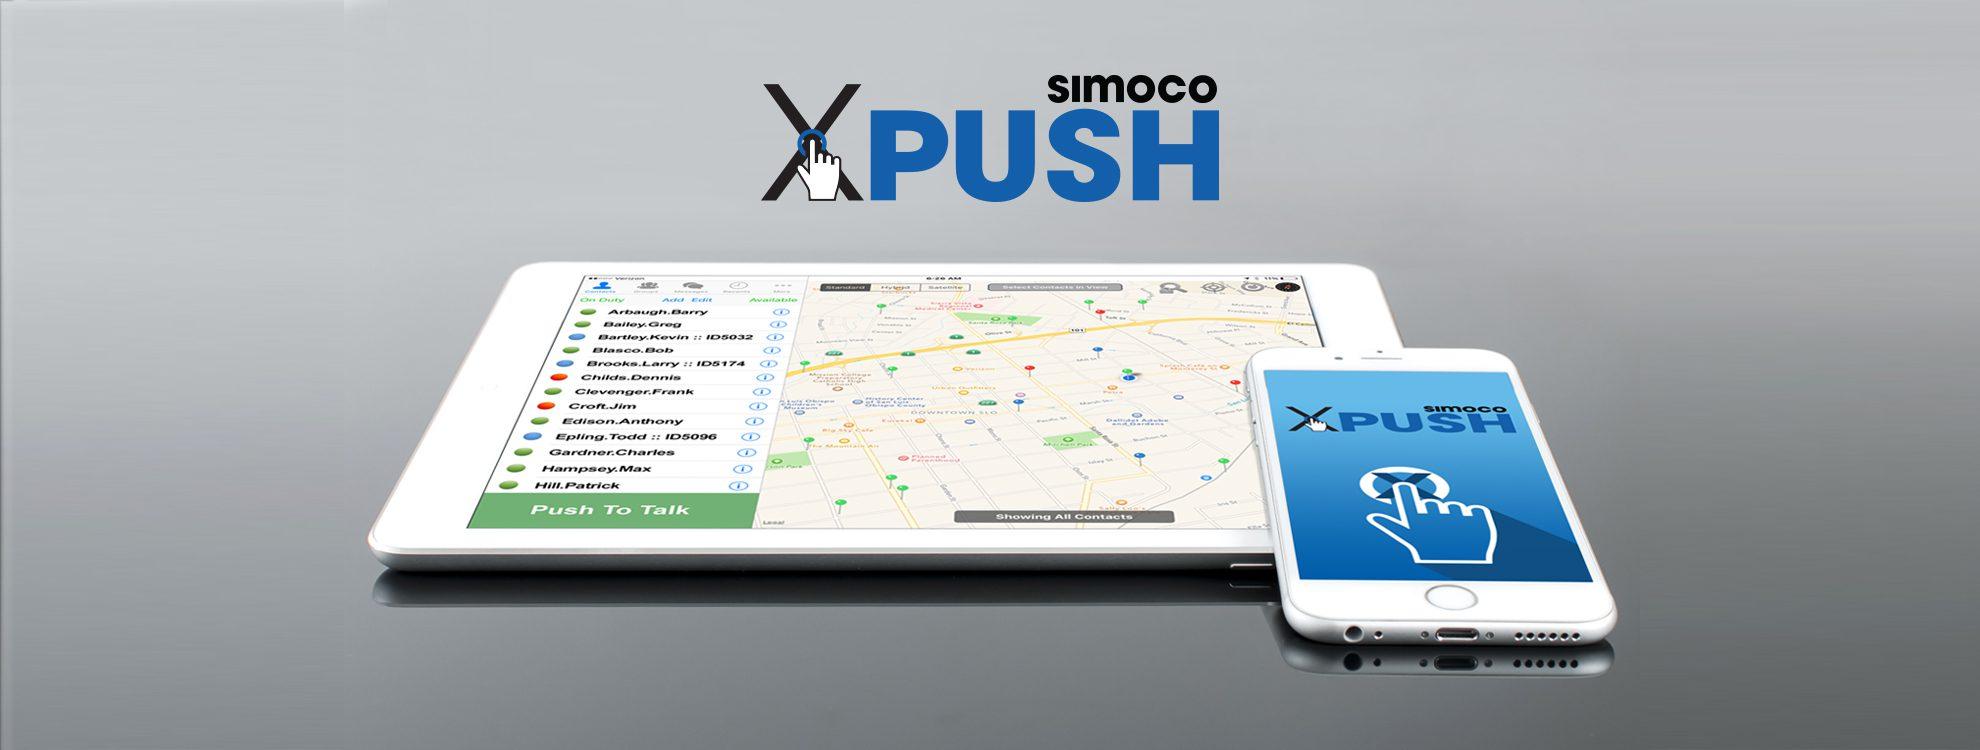 Simoco Push